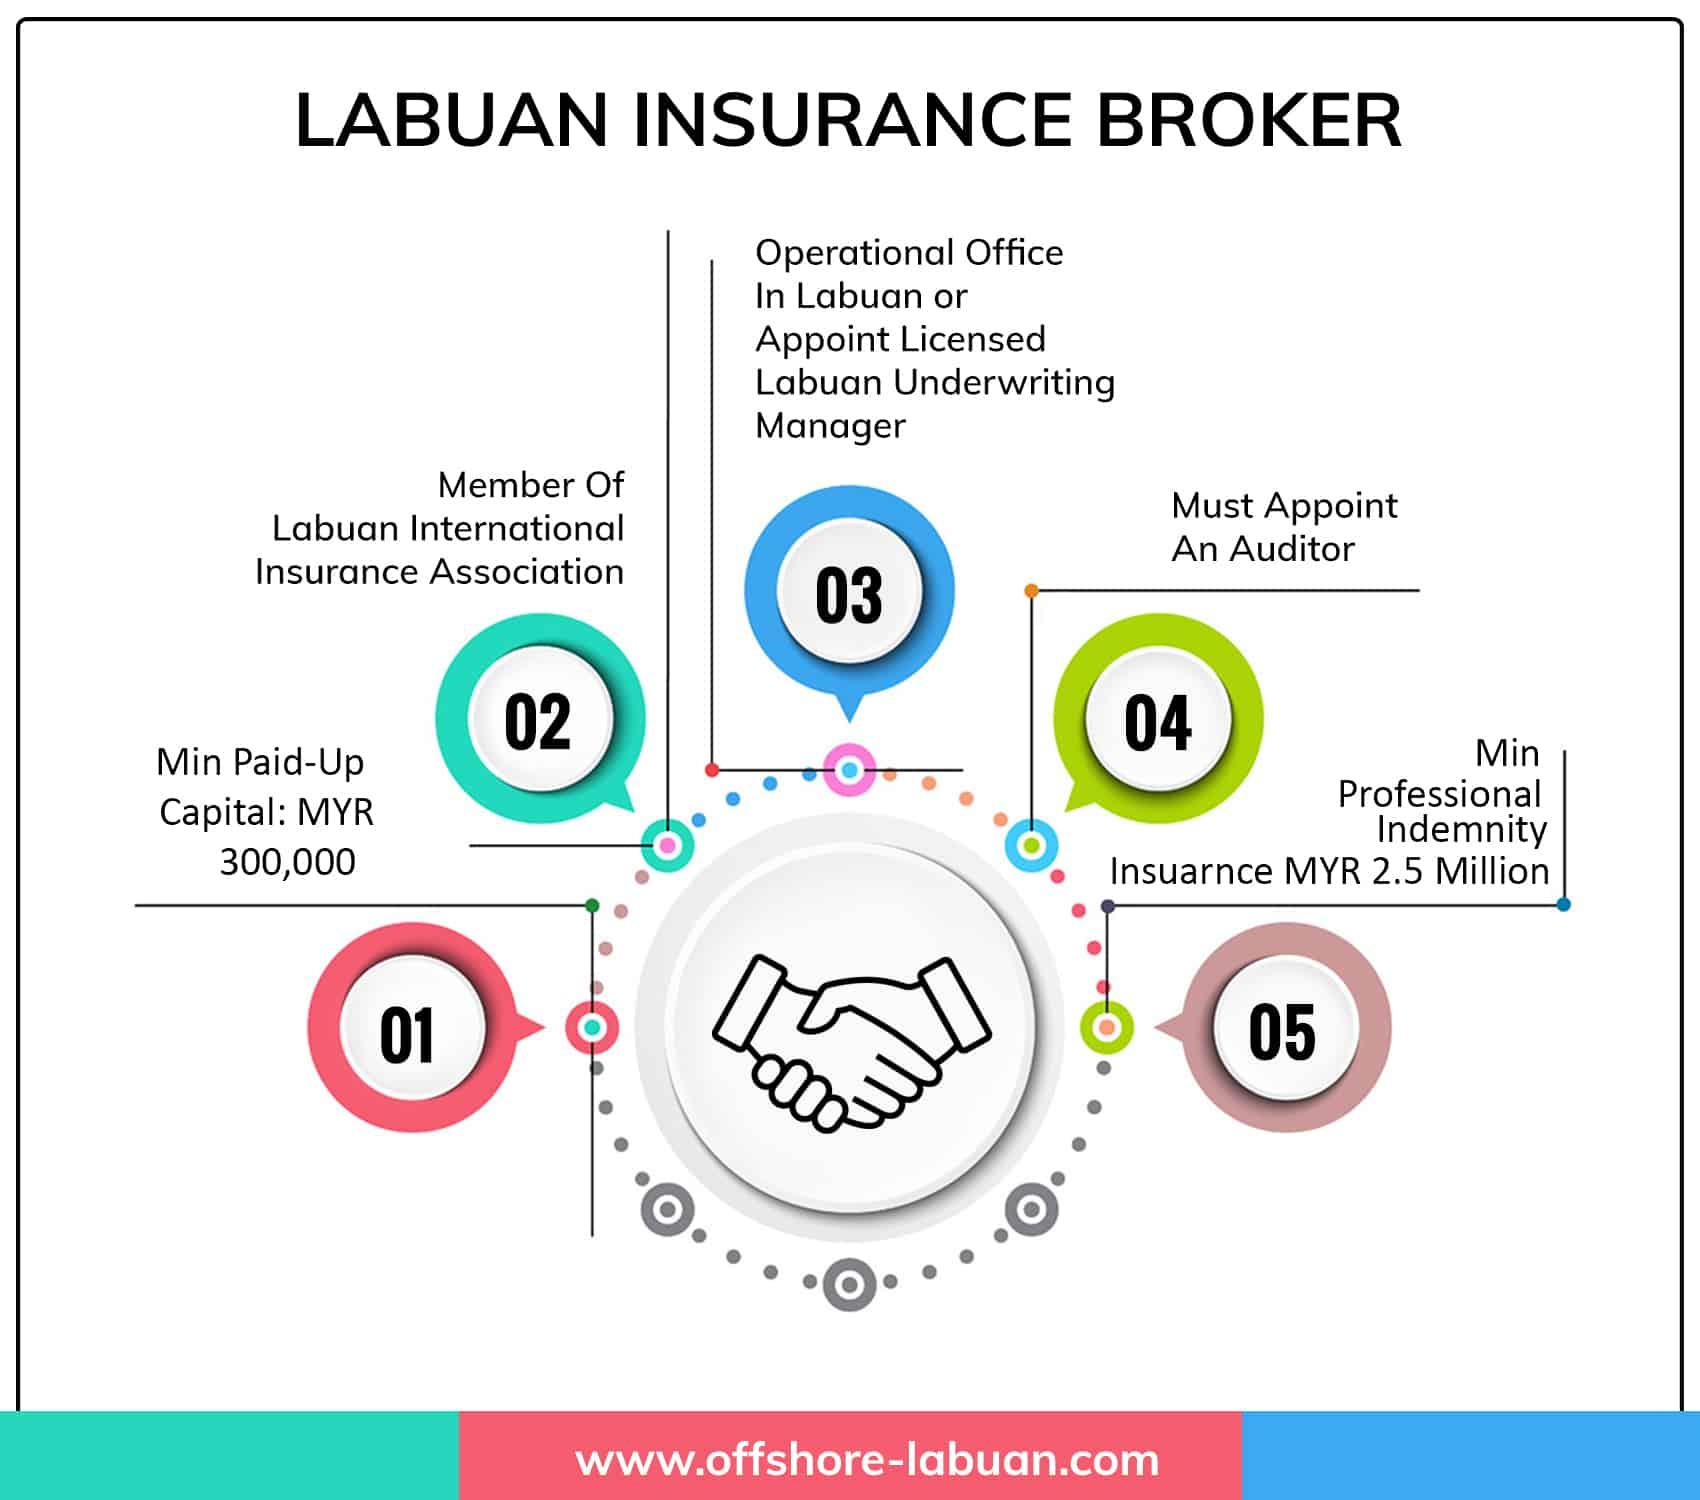 Labuan Insurance Broker